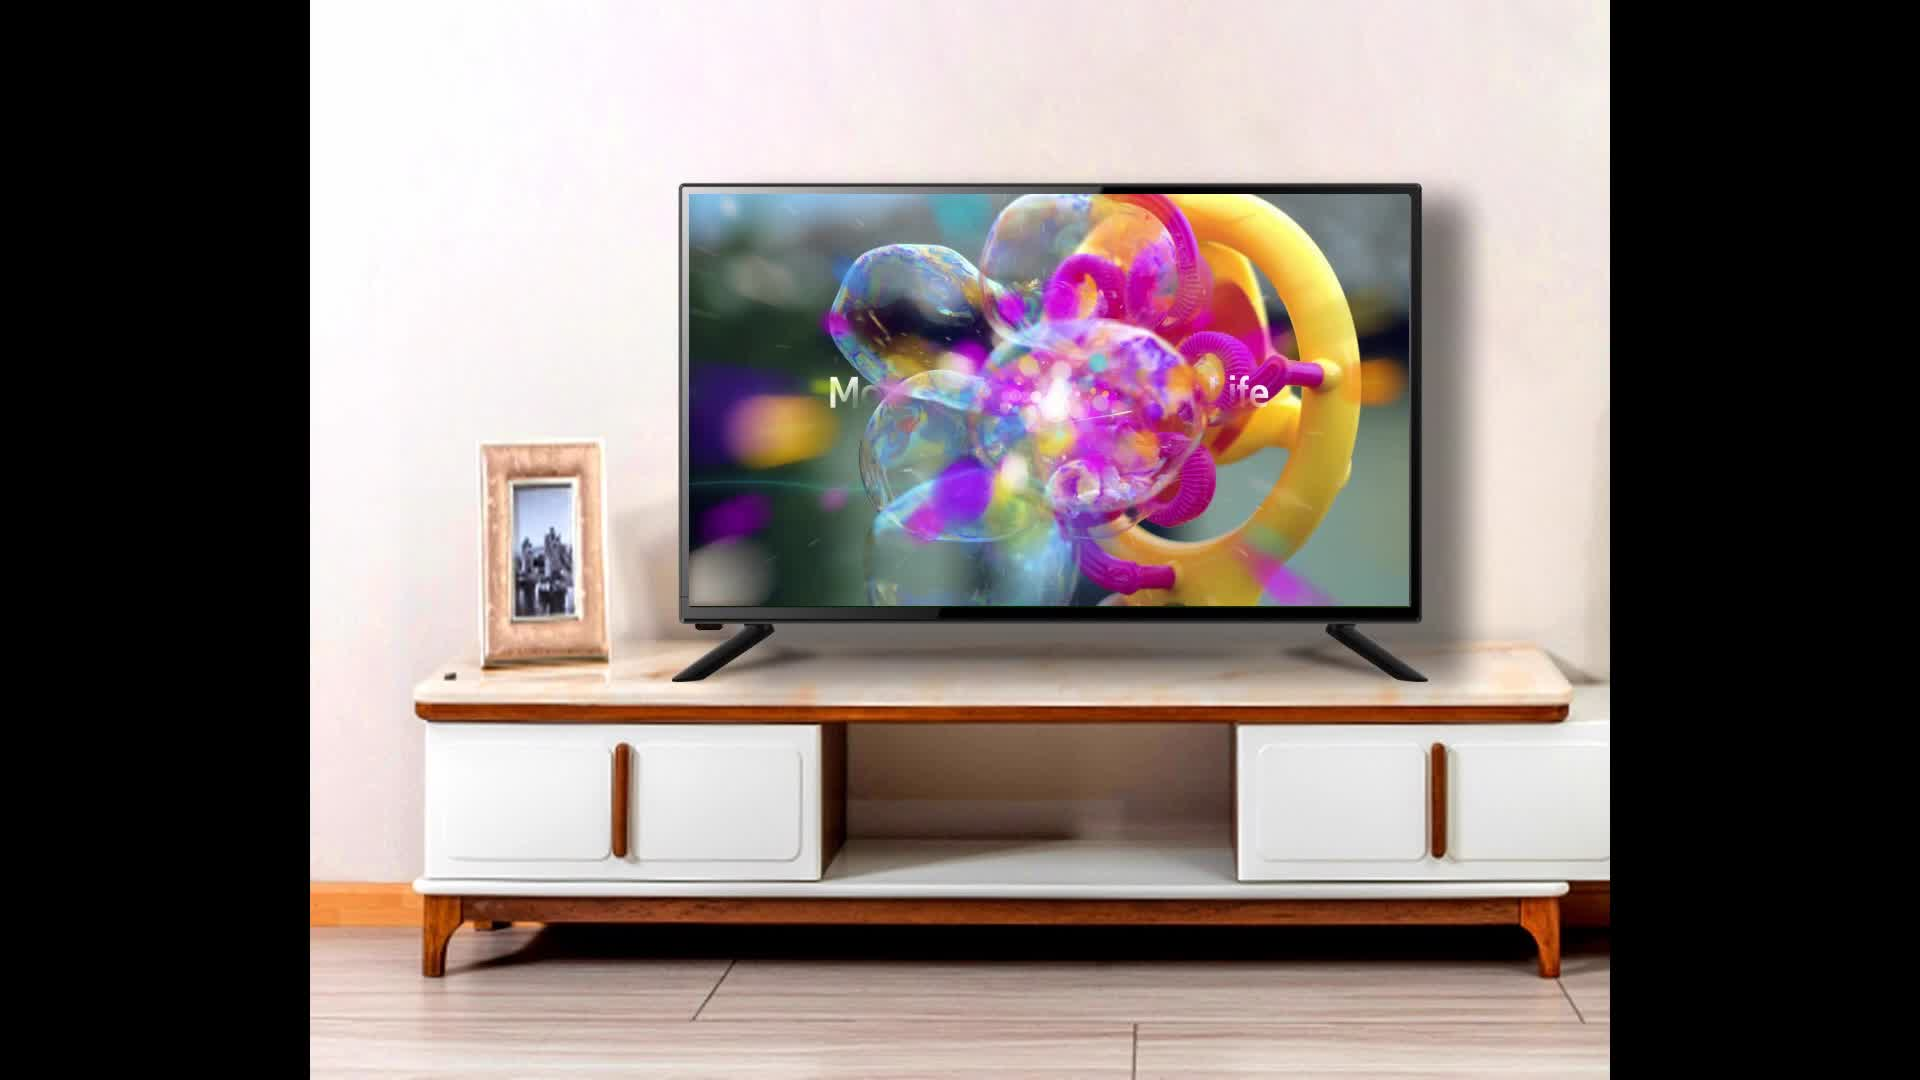 Haina china atacado preço baixo 32 40 43 55 polegadas tv 4k aparelhos de televisão